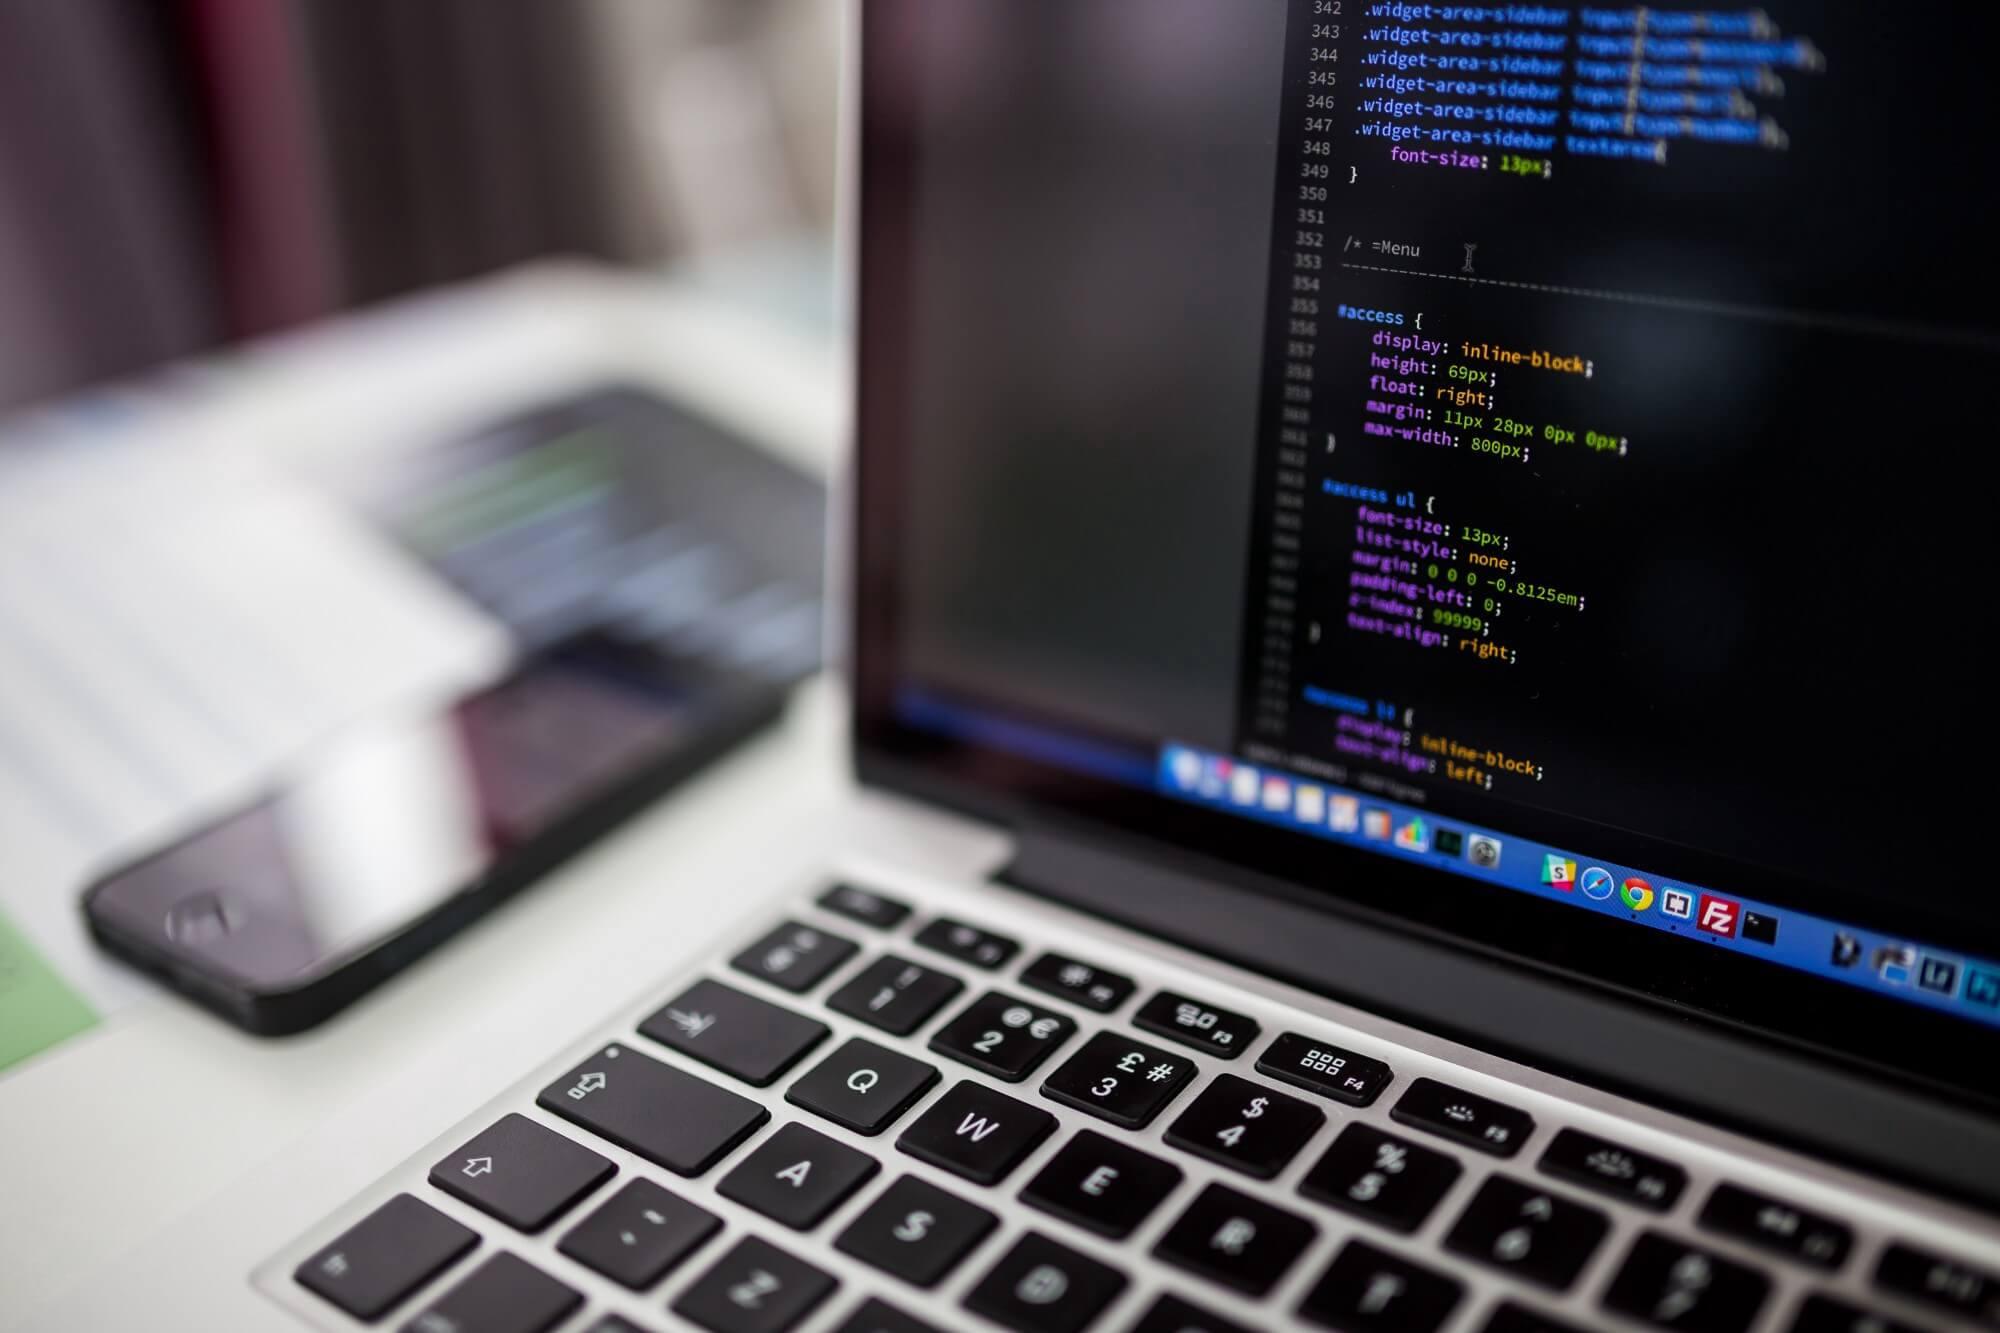 Yeni Site Açacaklar İçin Optimizasyonda Öncelikler Listesi